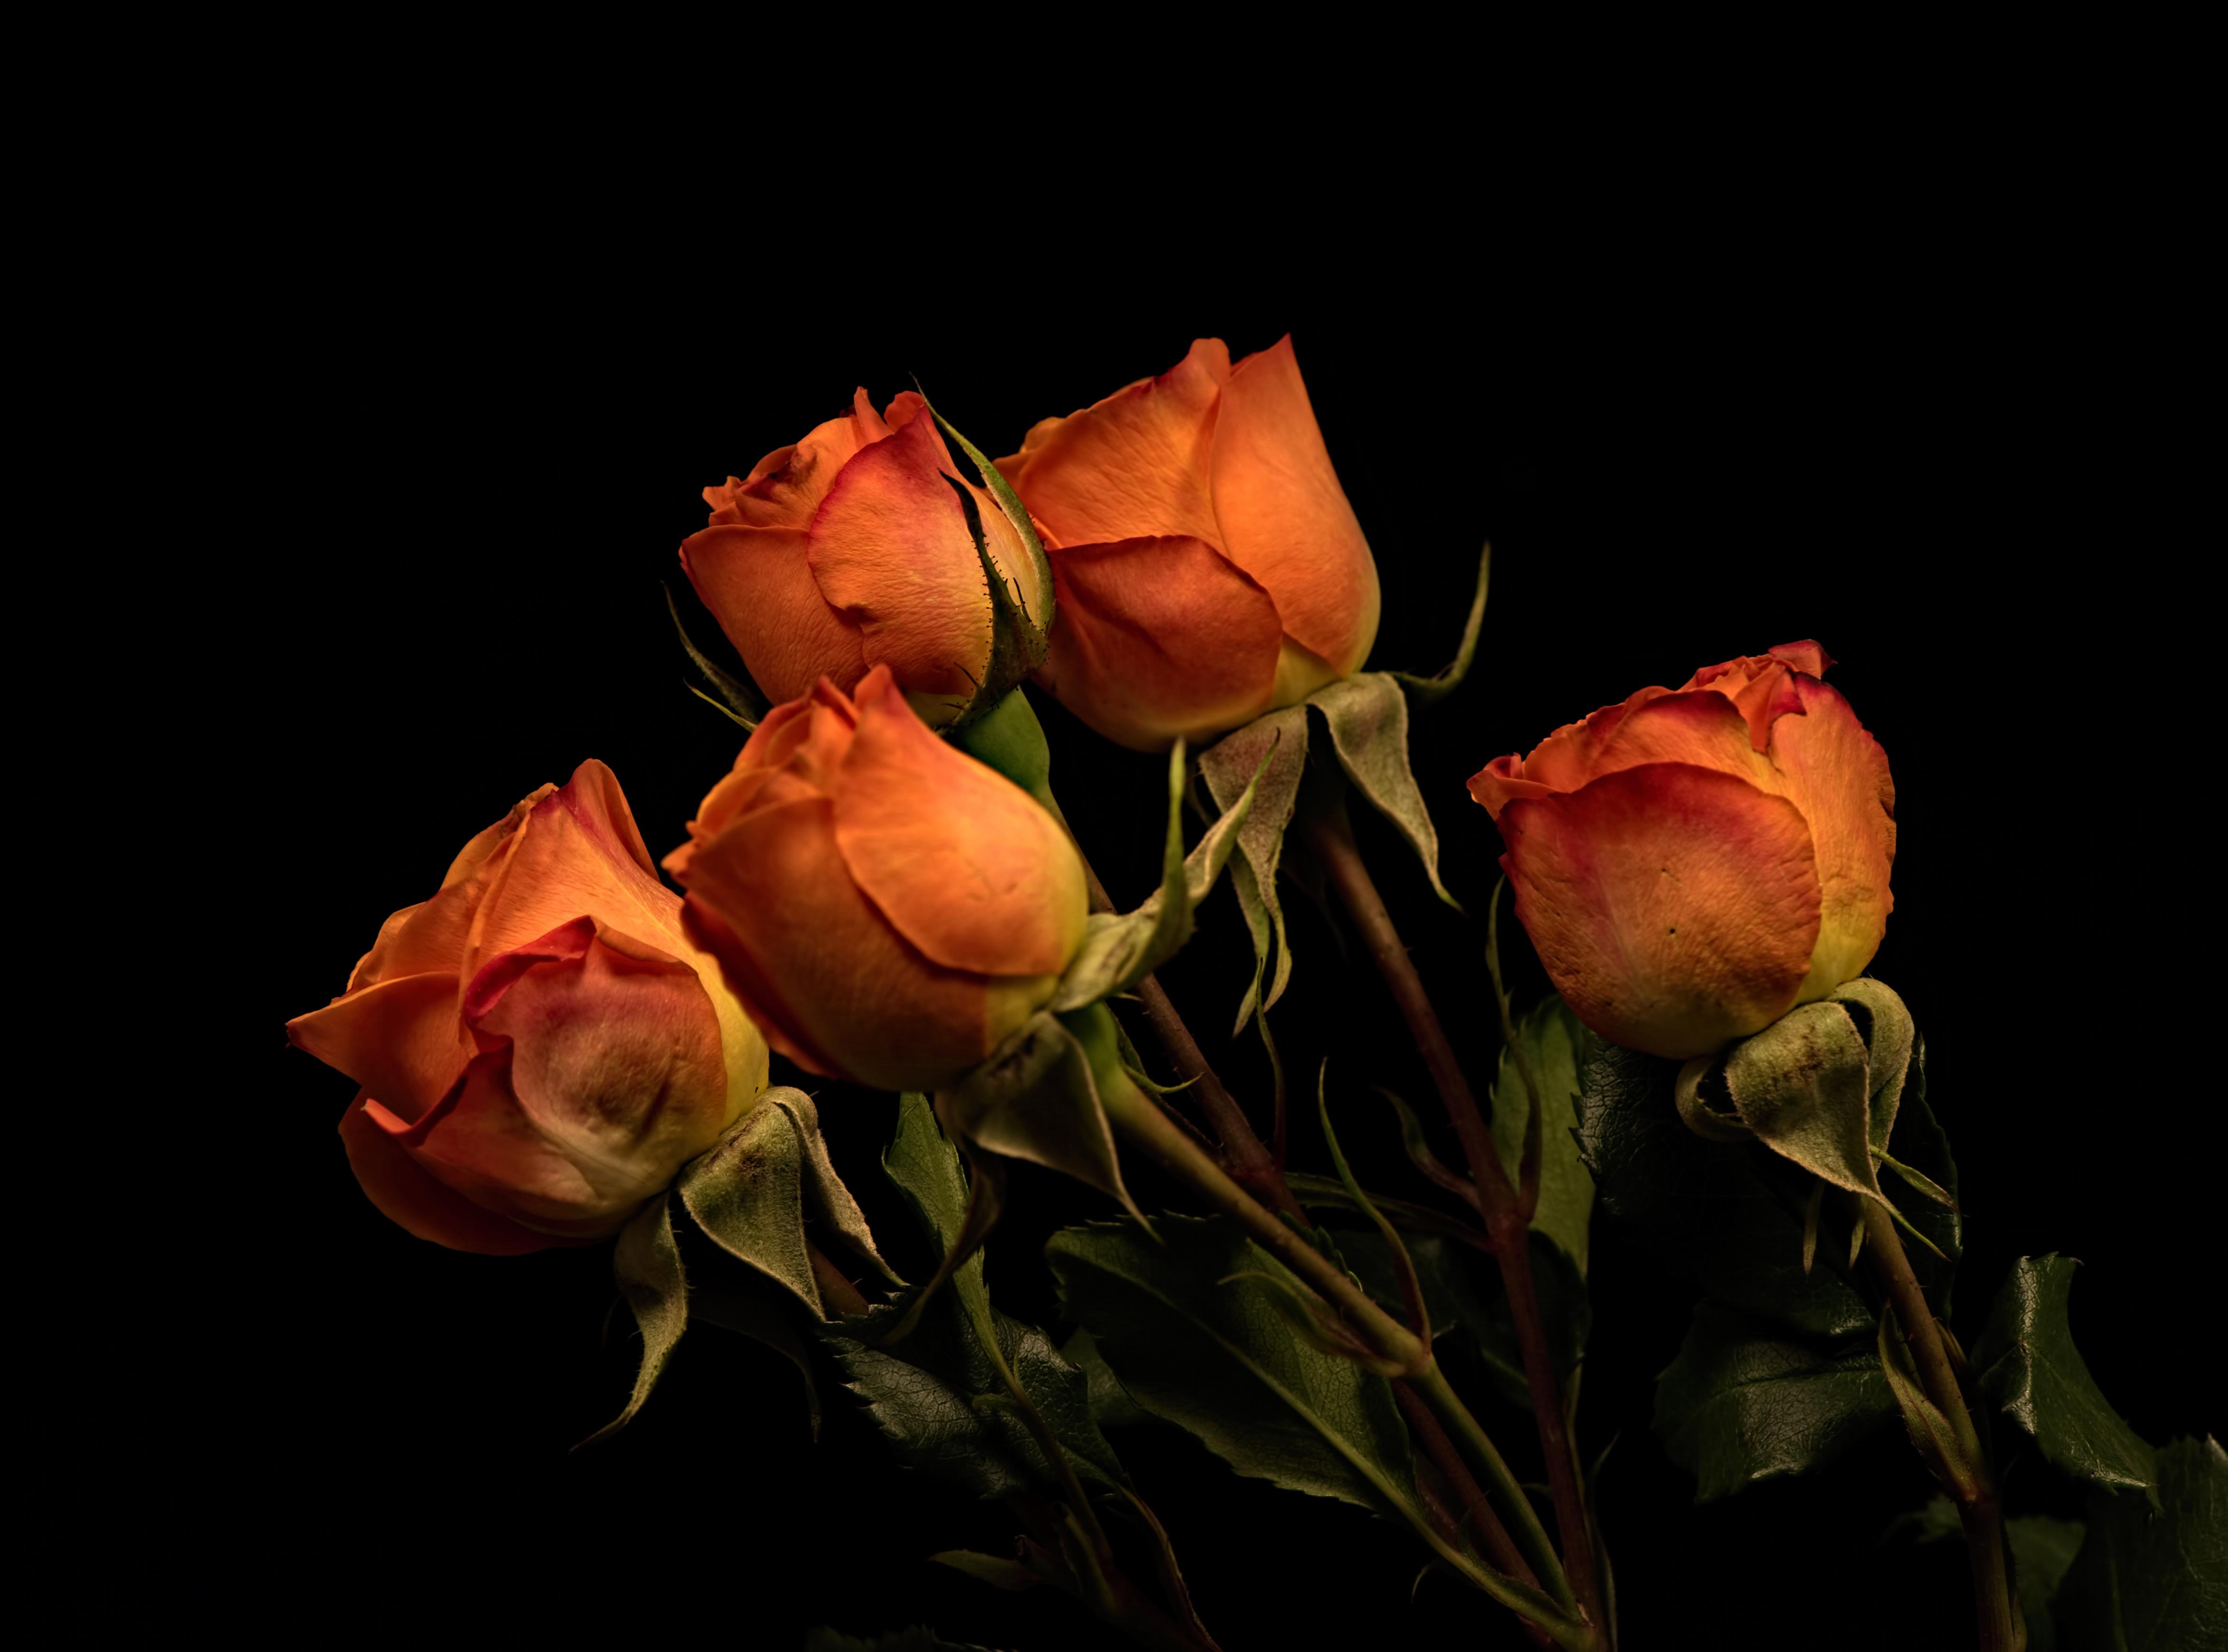 Foton Rosor Orange Blommor Svart bakgrund 4700x3485 ros blomma